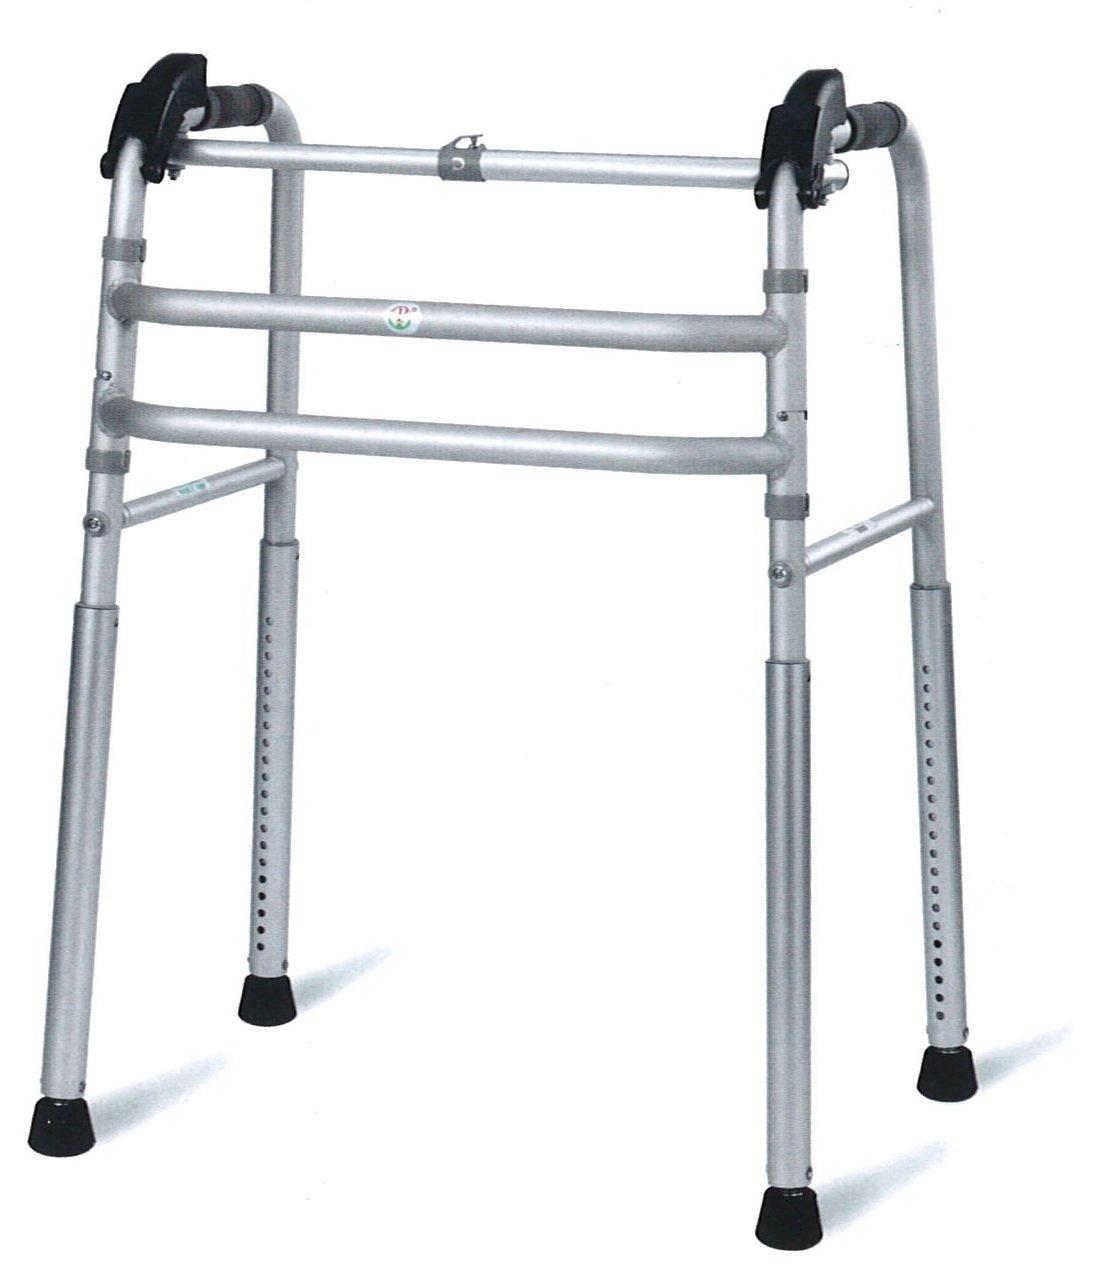 【パッセジャータ】 階段やスロープでも使える 固定型 歩行器 20段階高さ調節 軽量 折りたたみ アルミ製 多機能 キャリングバッグ 付 PW800-212 B074M53MB3